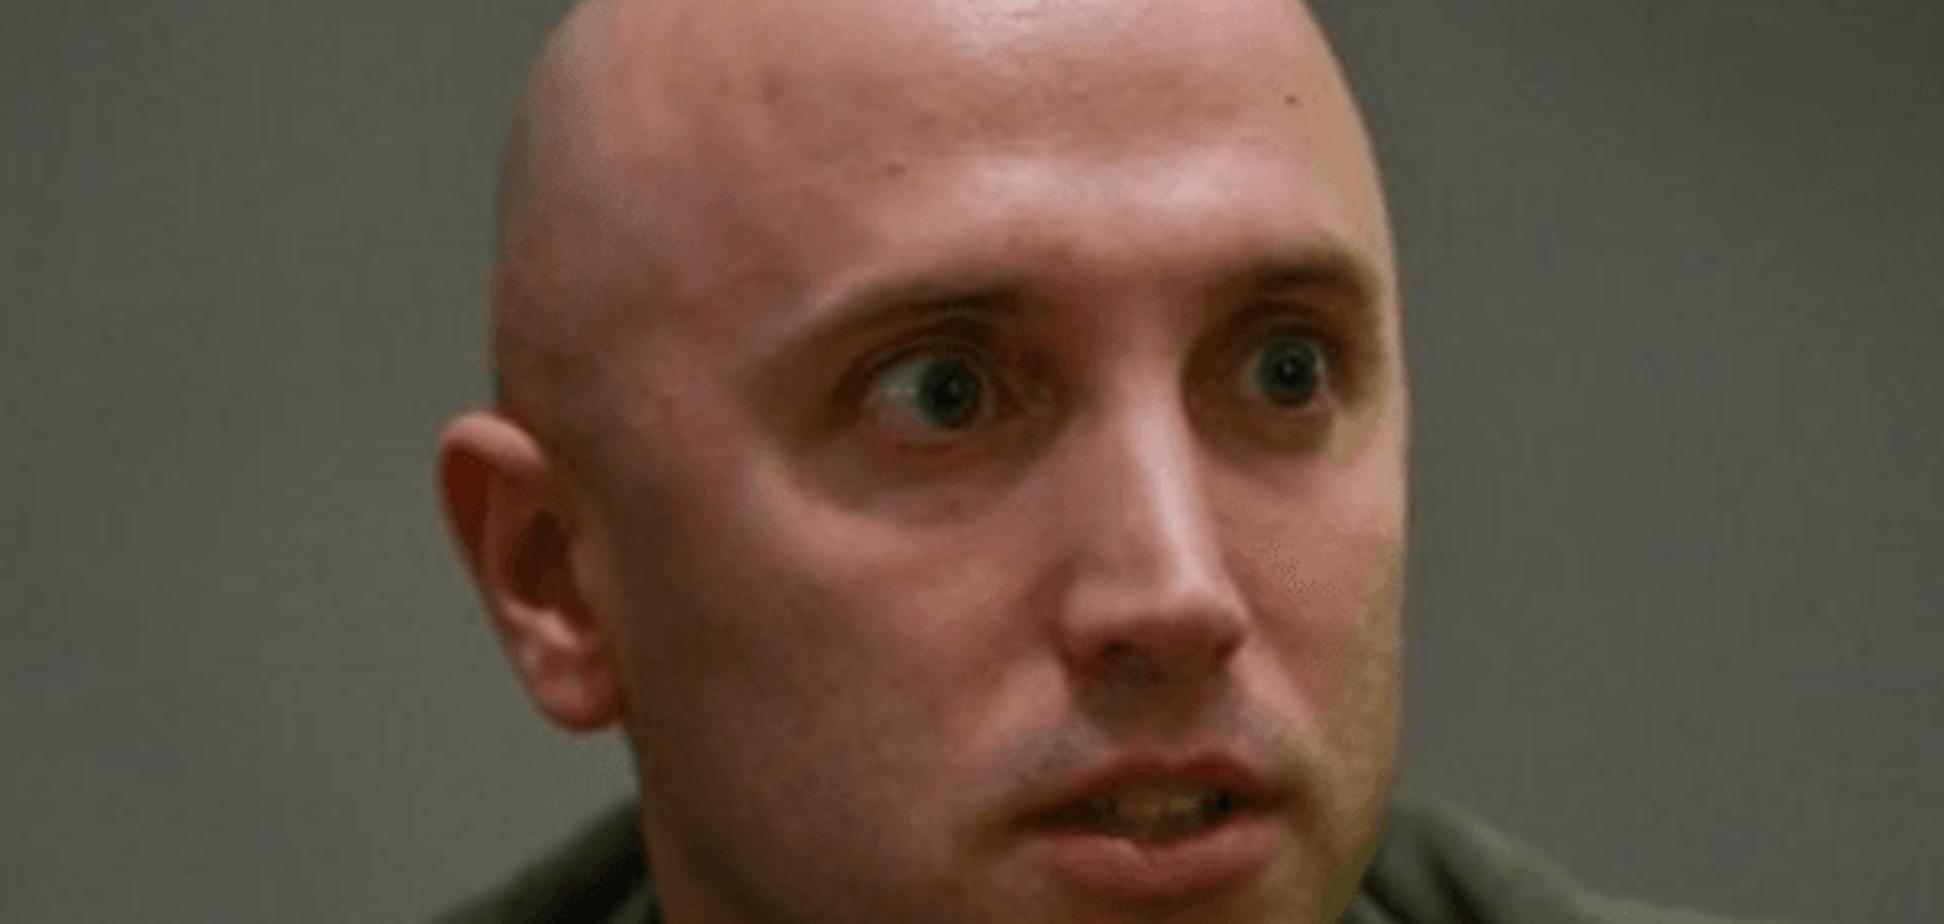 Пропагандист Филлипс попросил МИД Британии помочь обойти 'бан' Украины: ему отказали